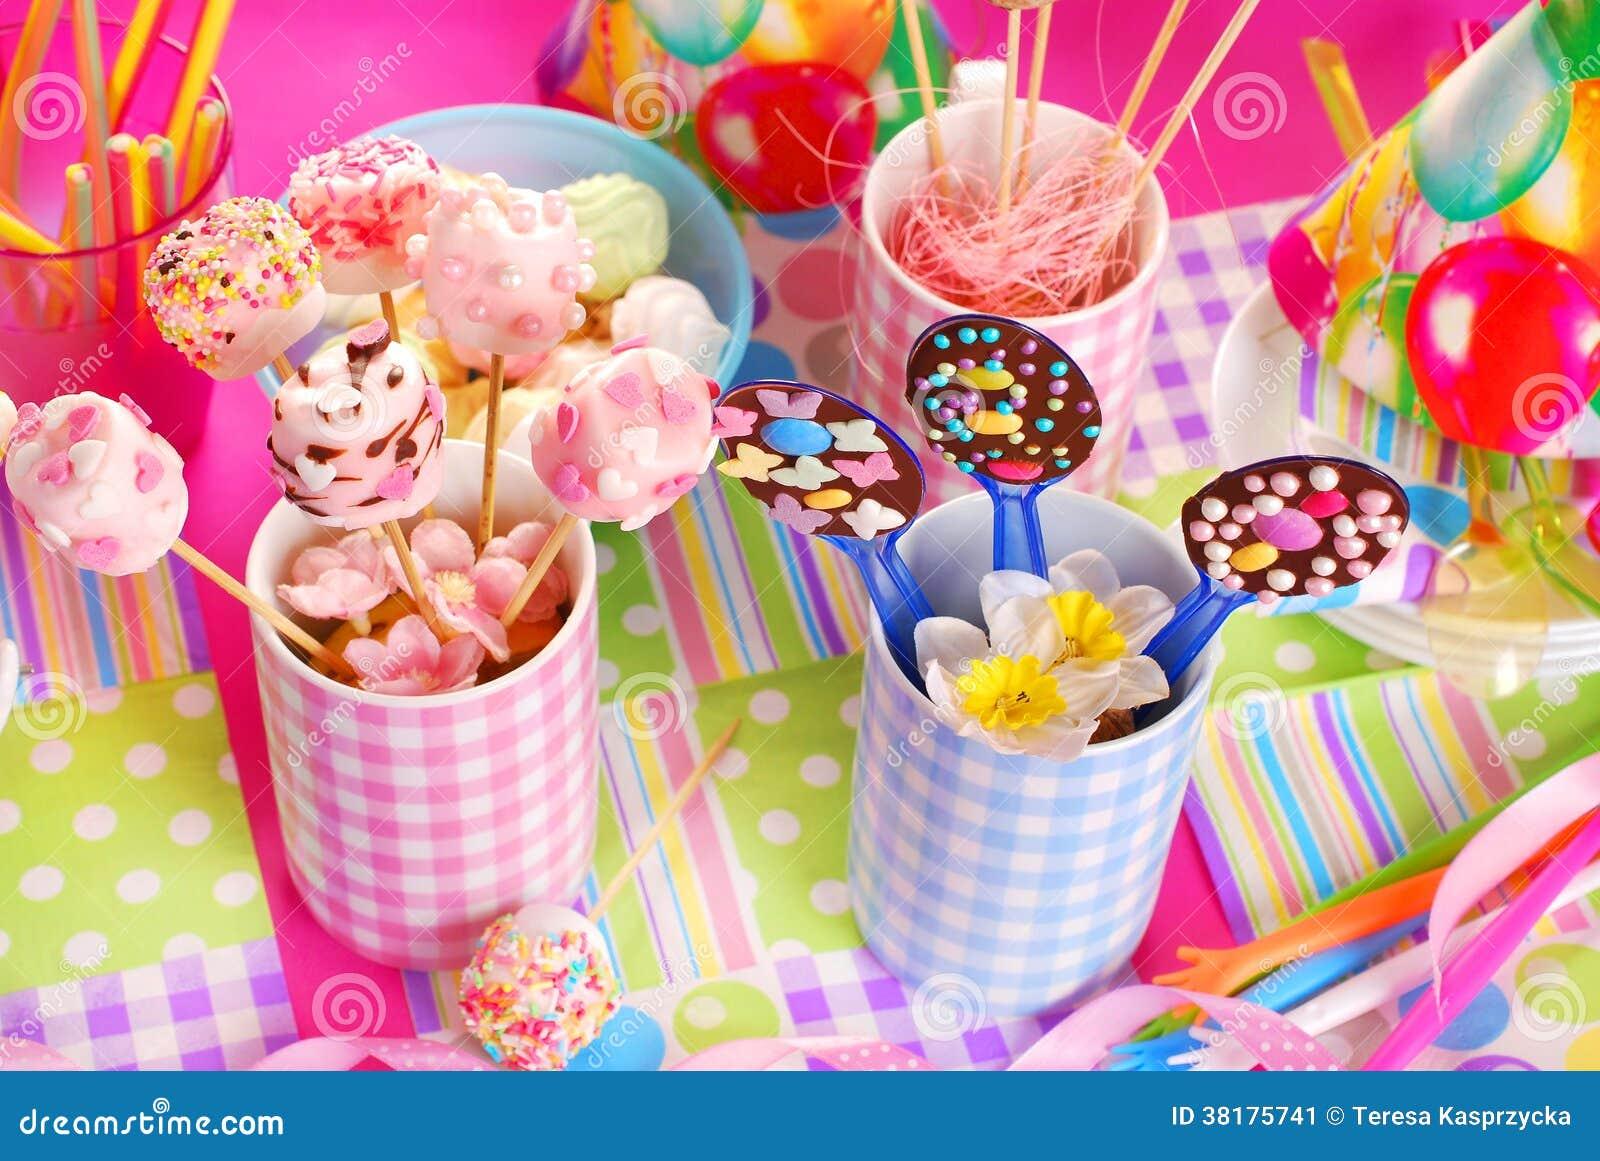 Tavola della festa di compleanno con i dolci per i bambini - Tavola periodica per bambini ...